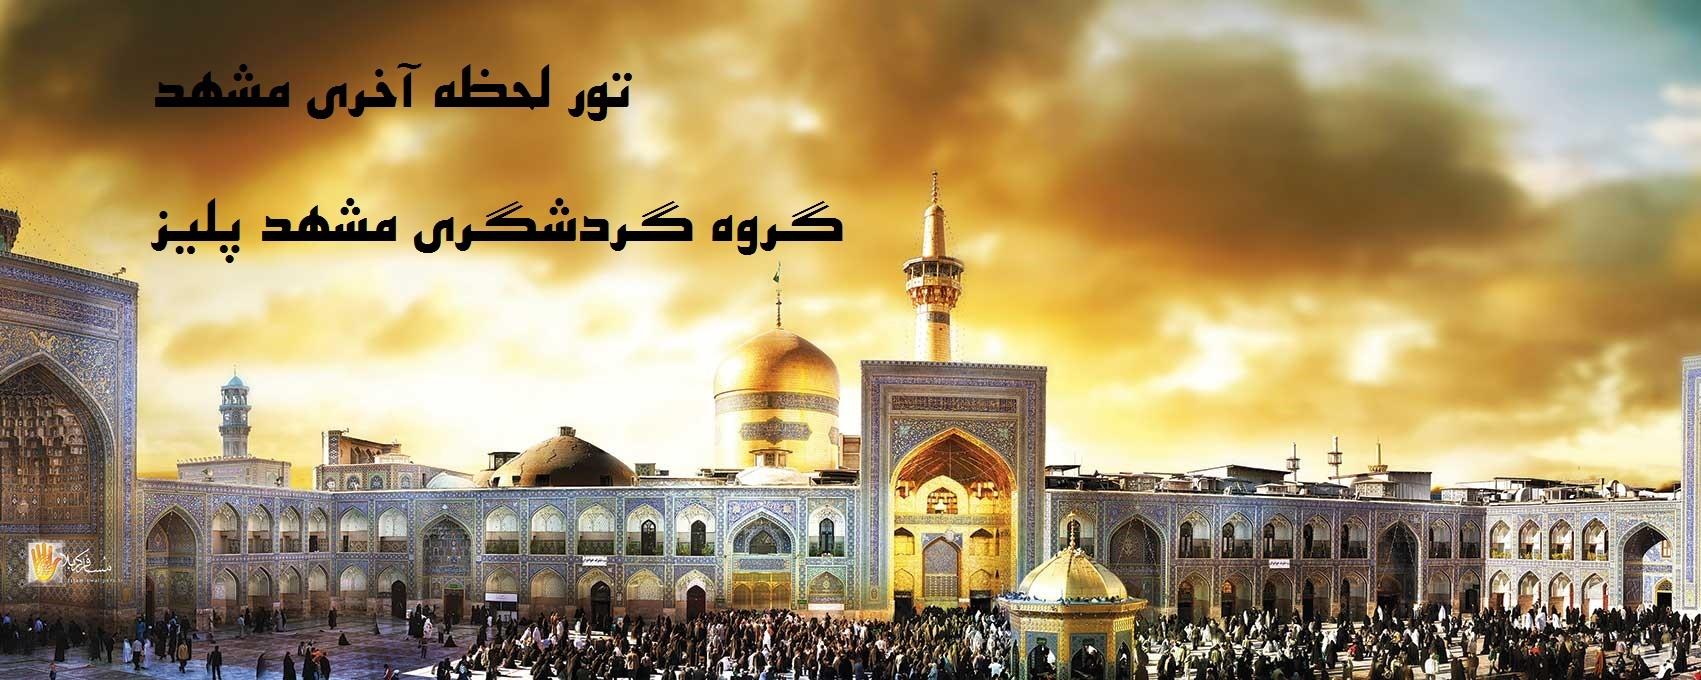 تور اصفهان به مشهد لحظه آخری